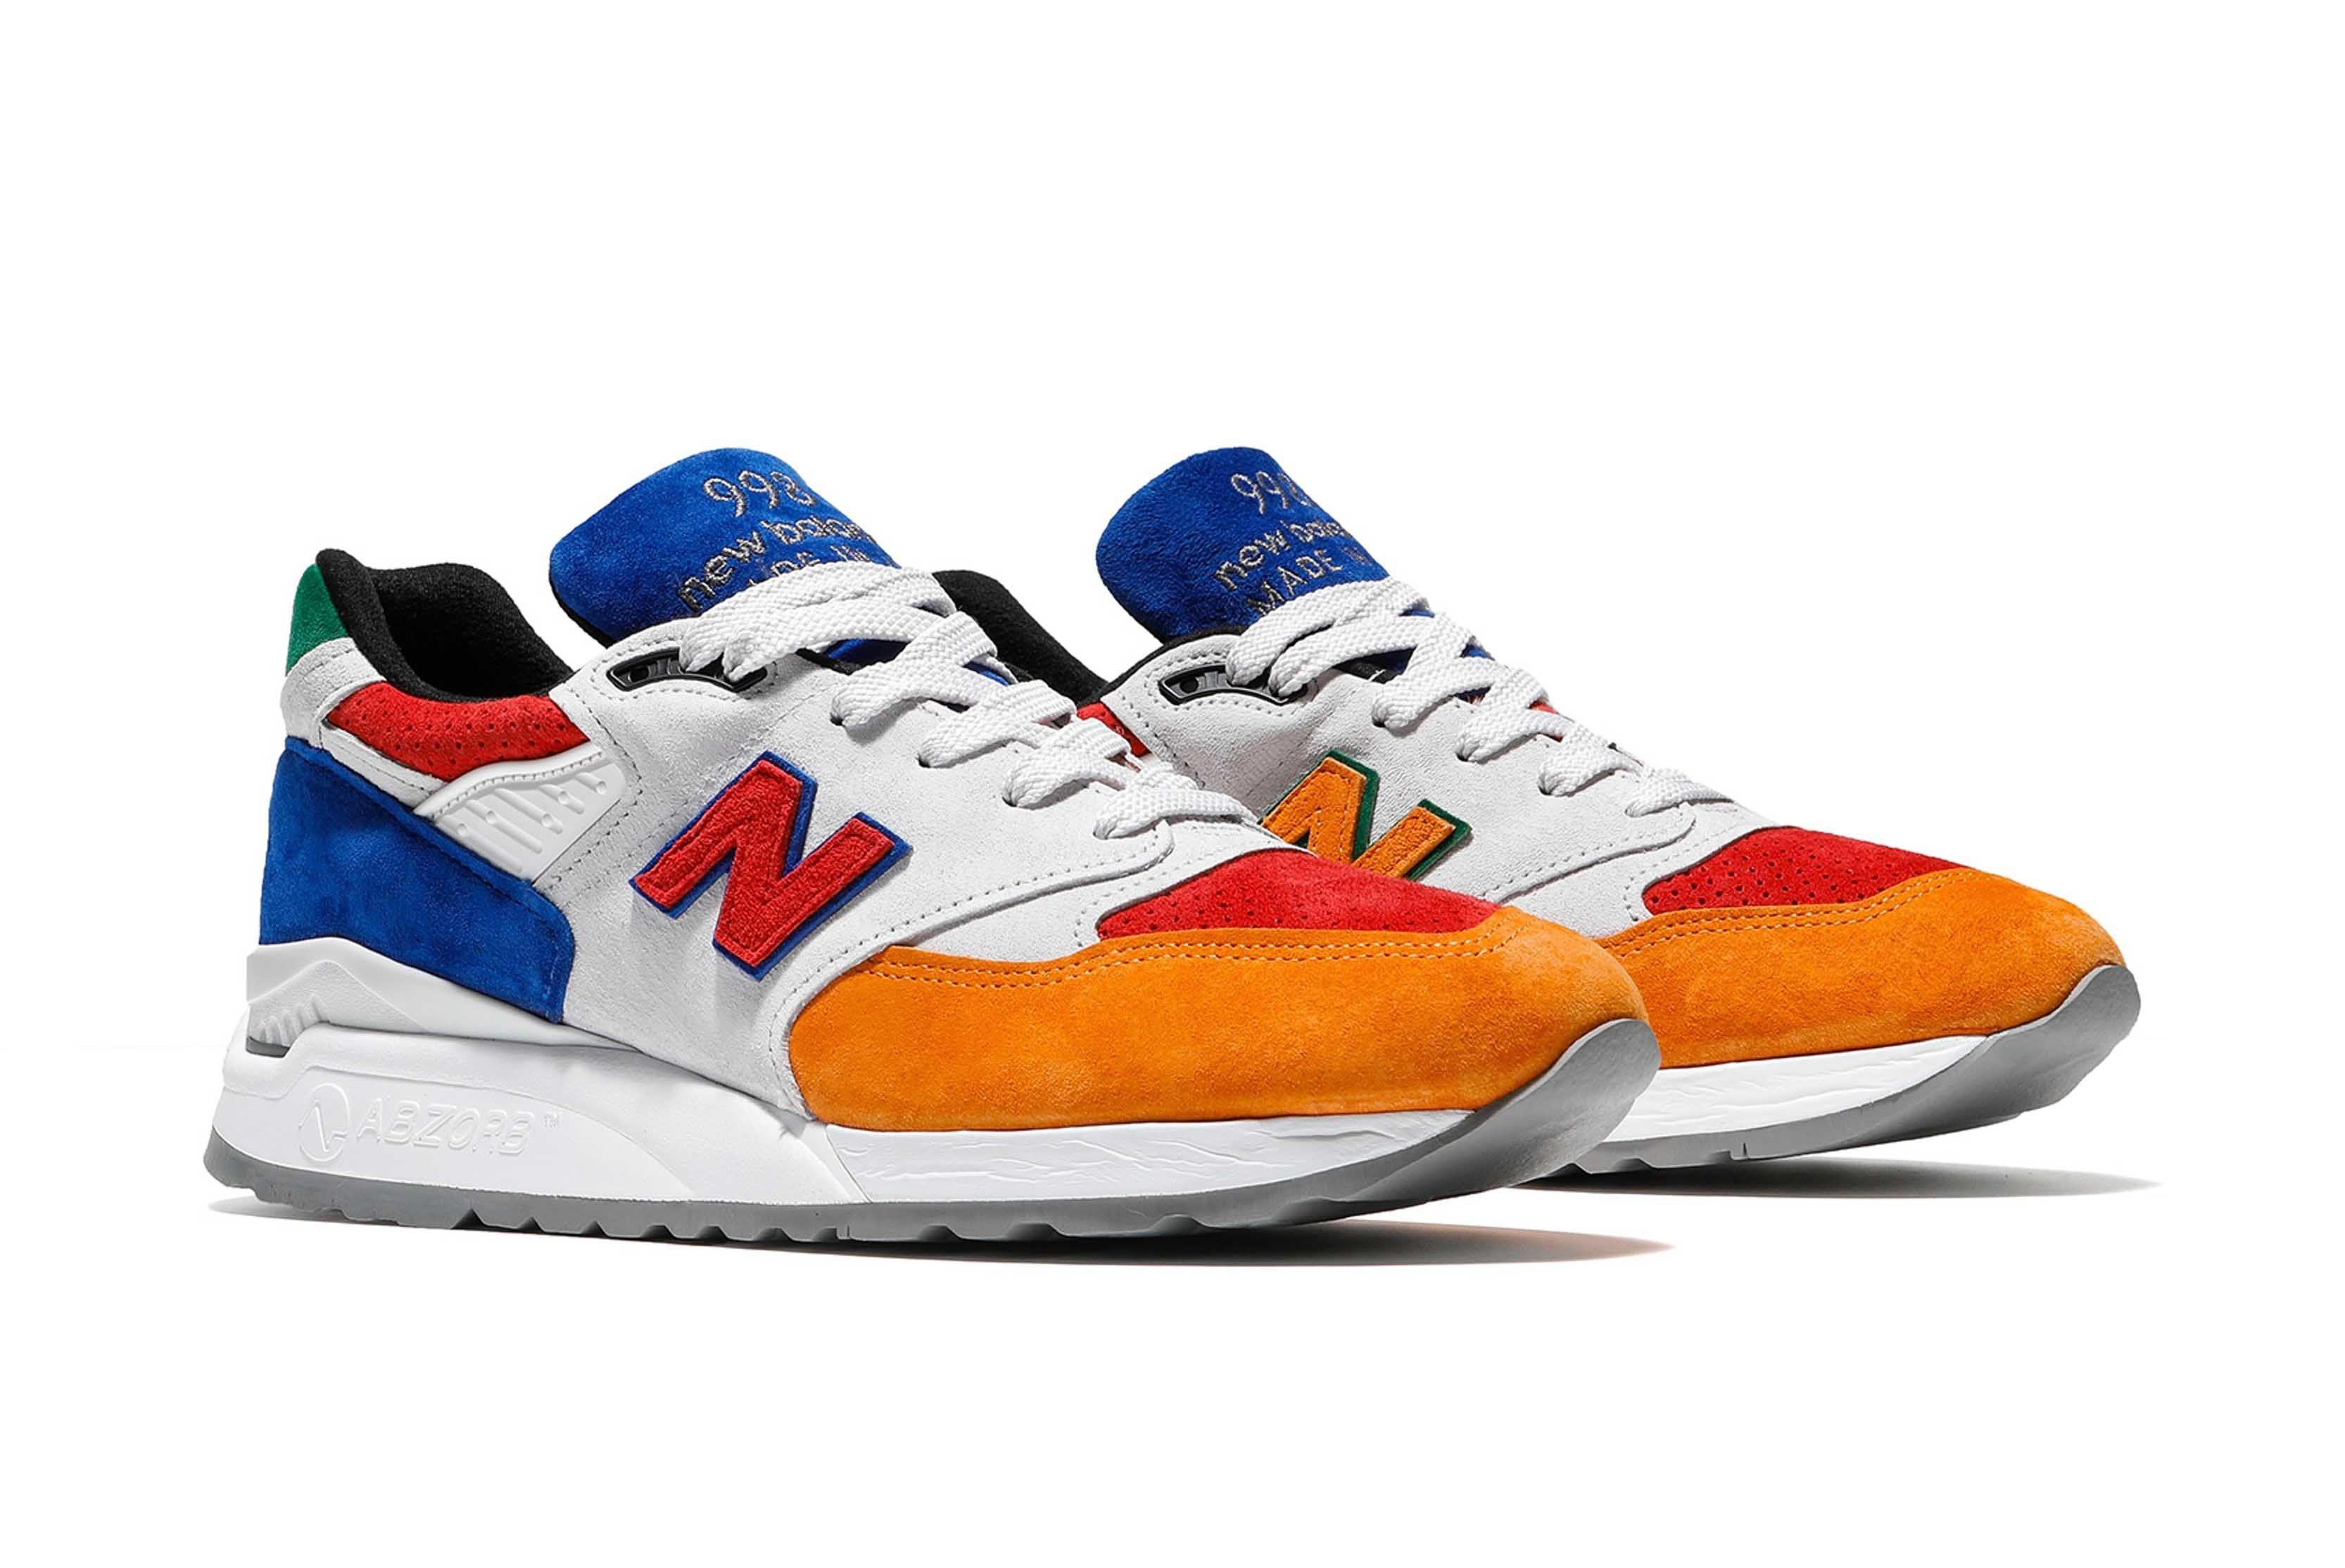 Bodega New Balance 998 Mass Transit Release Date 2 Sneaker Freaker